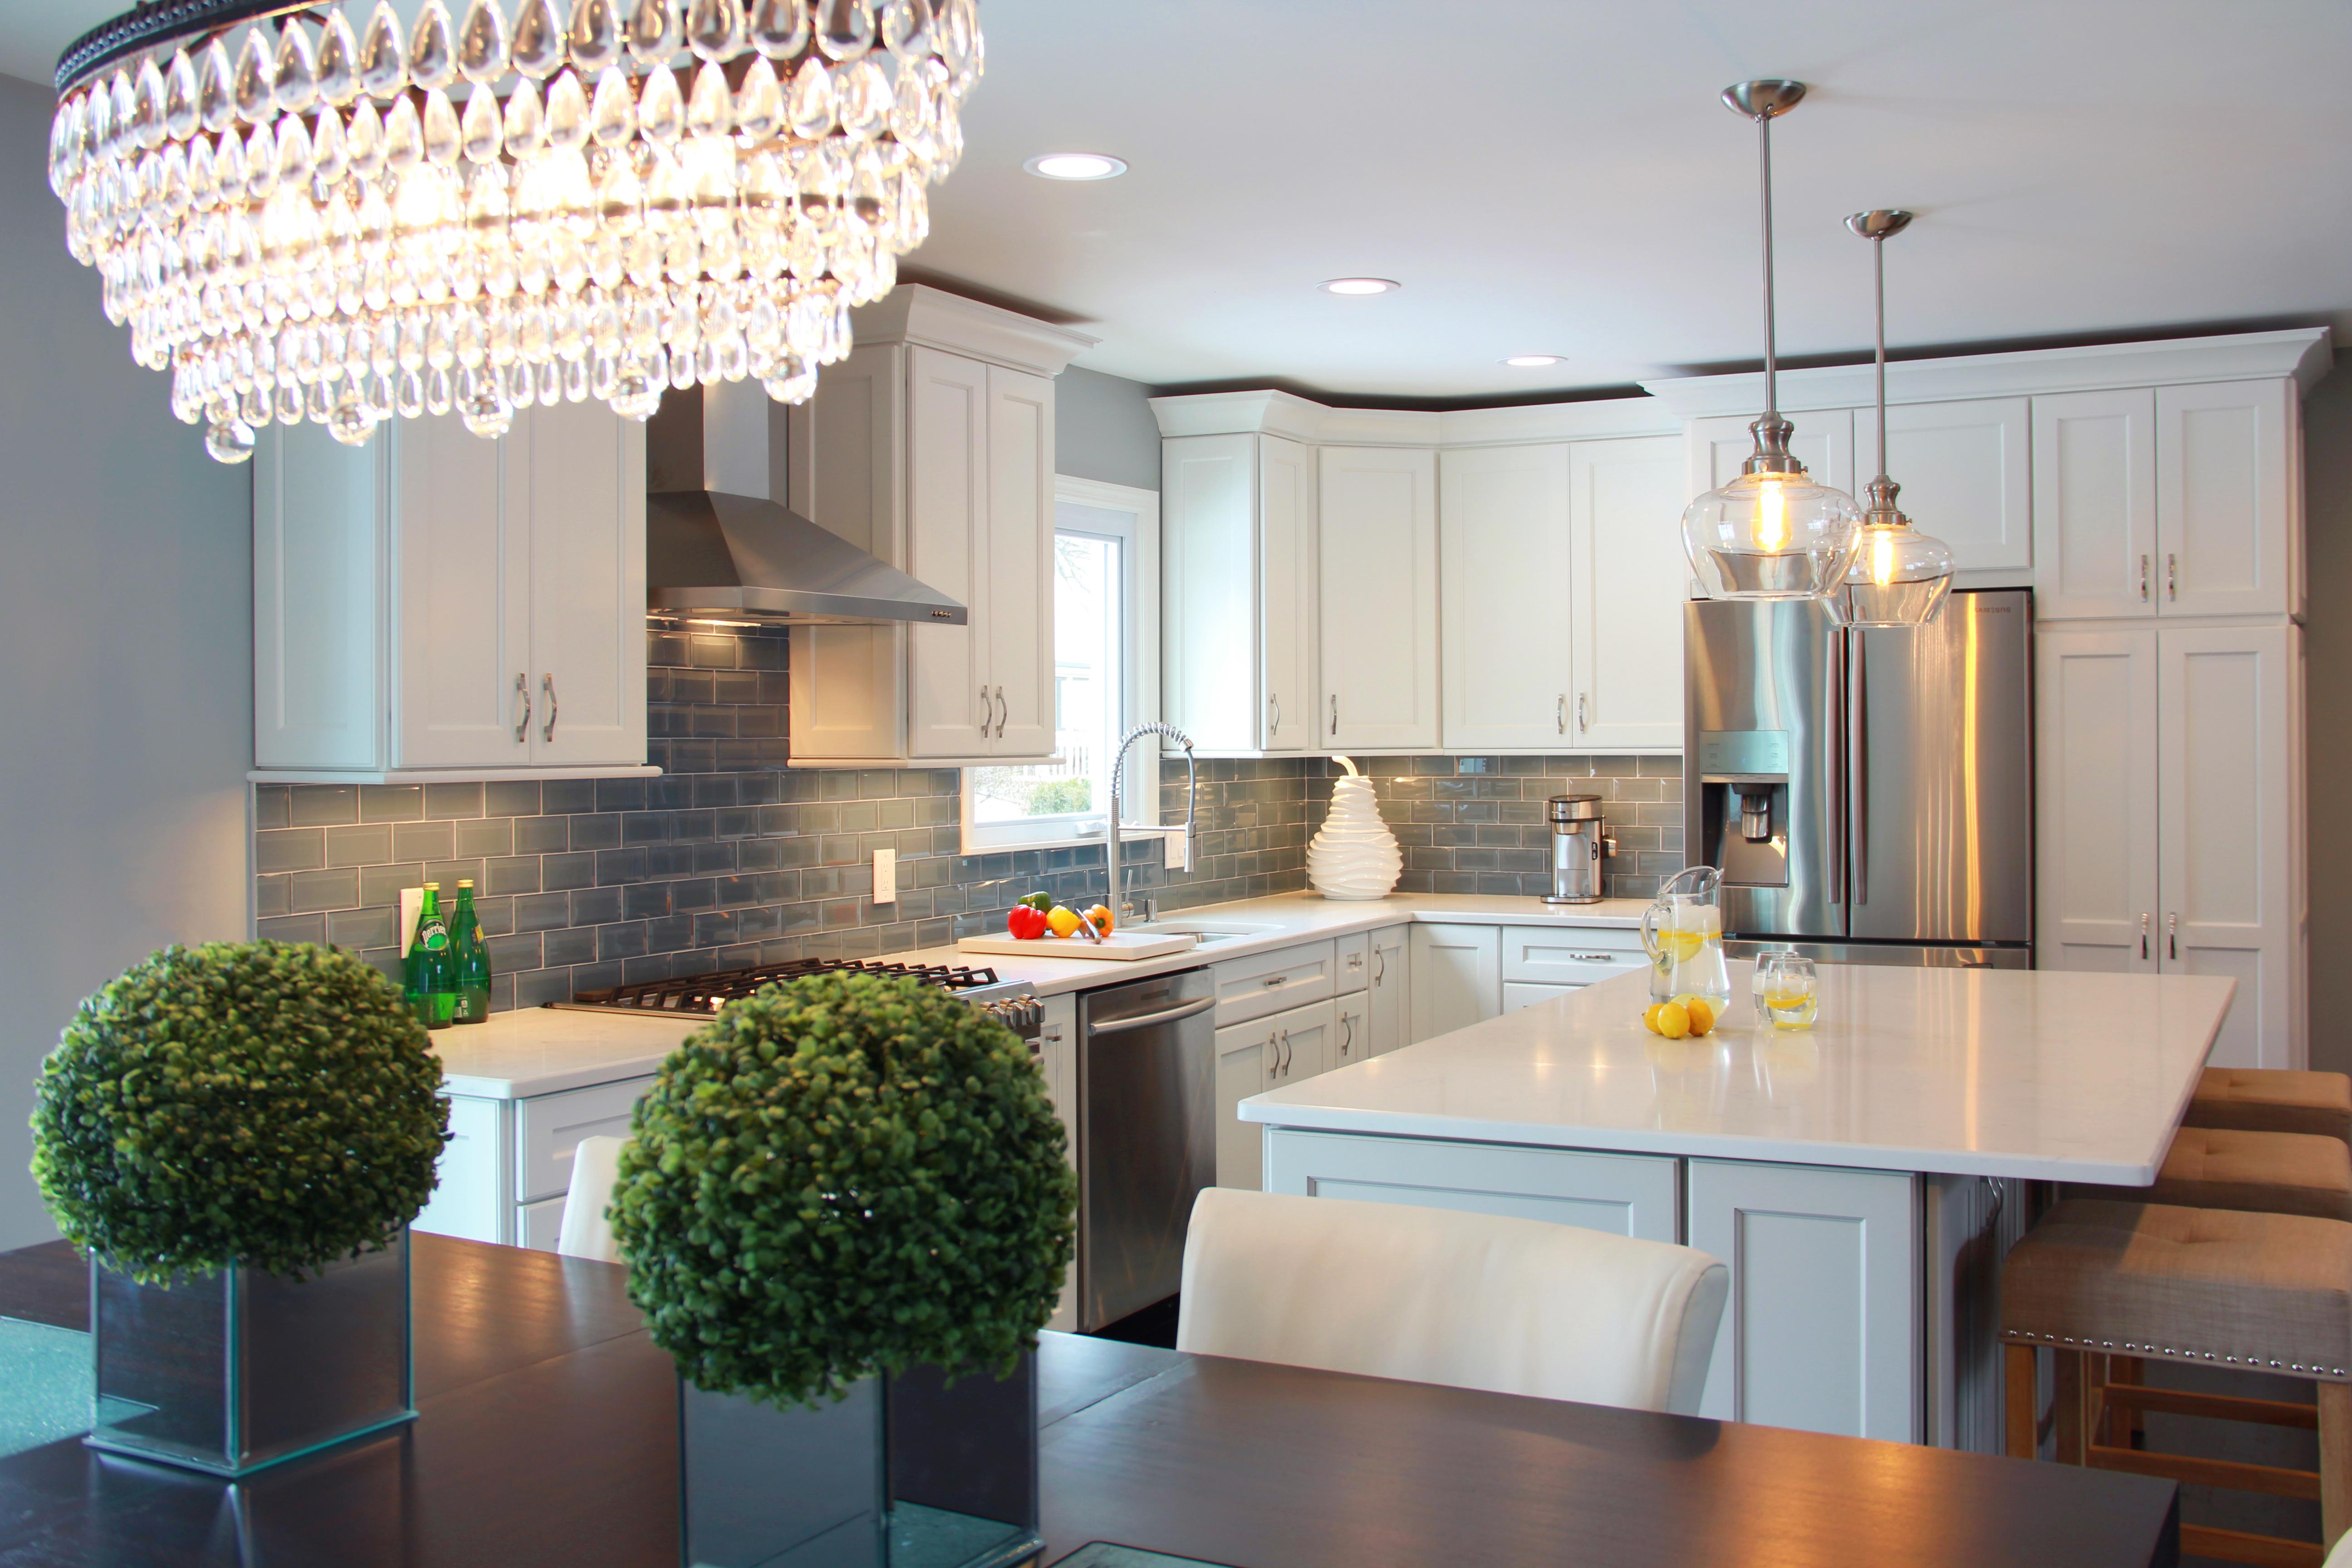 Arias home design build love central nj interior designer - Home decor nj decor ...